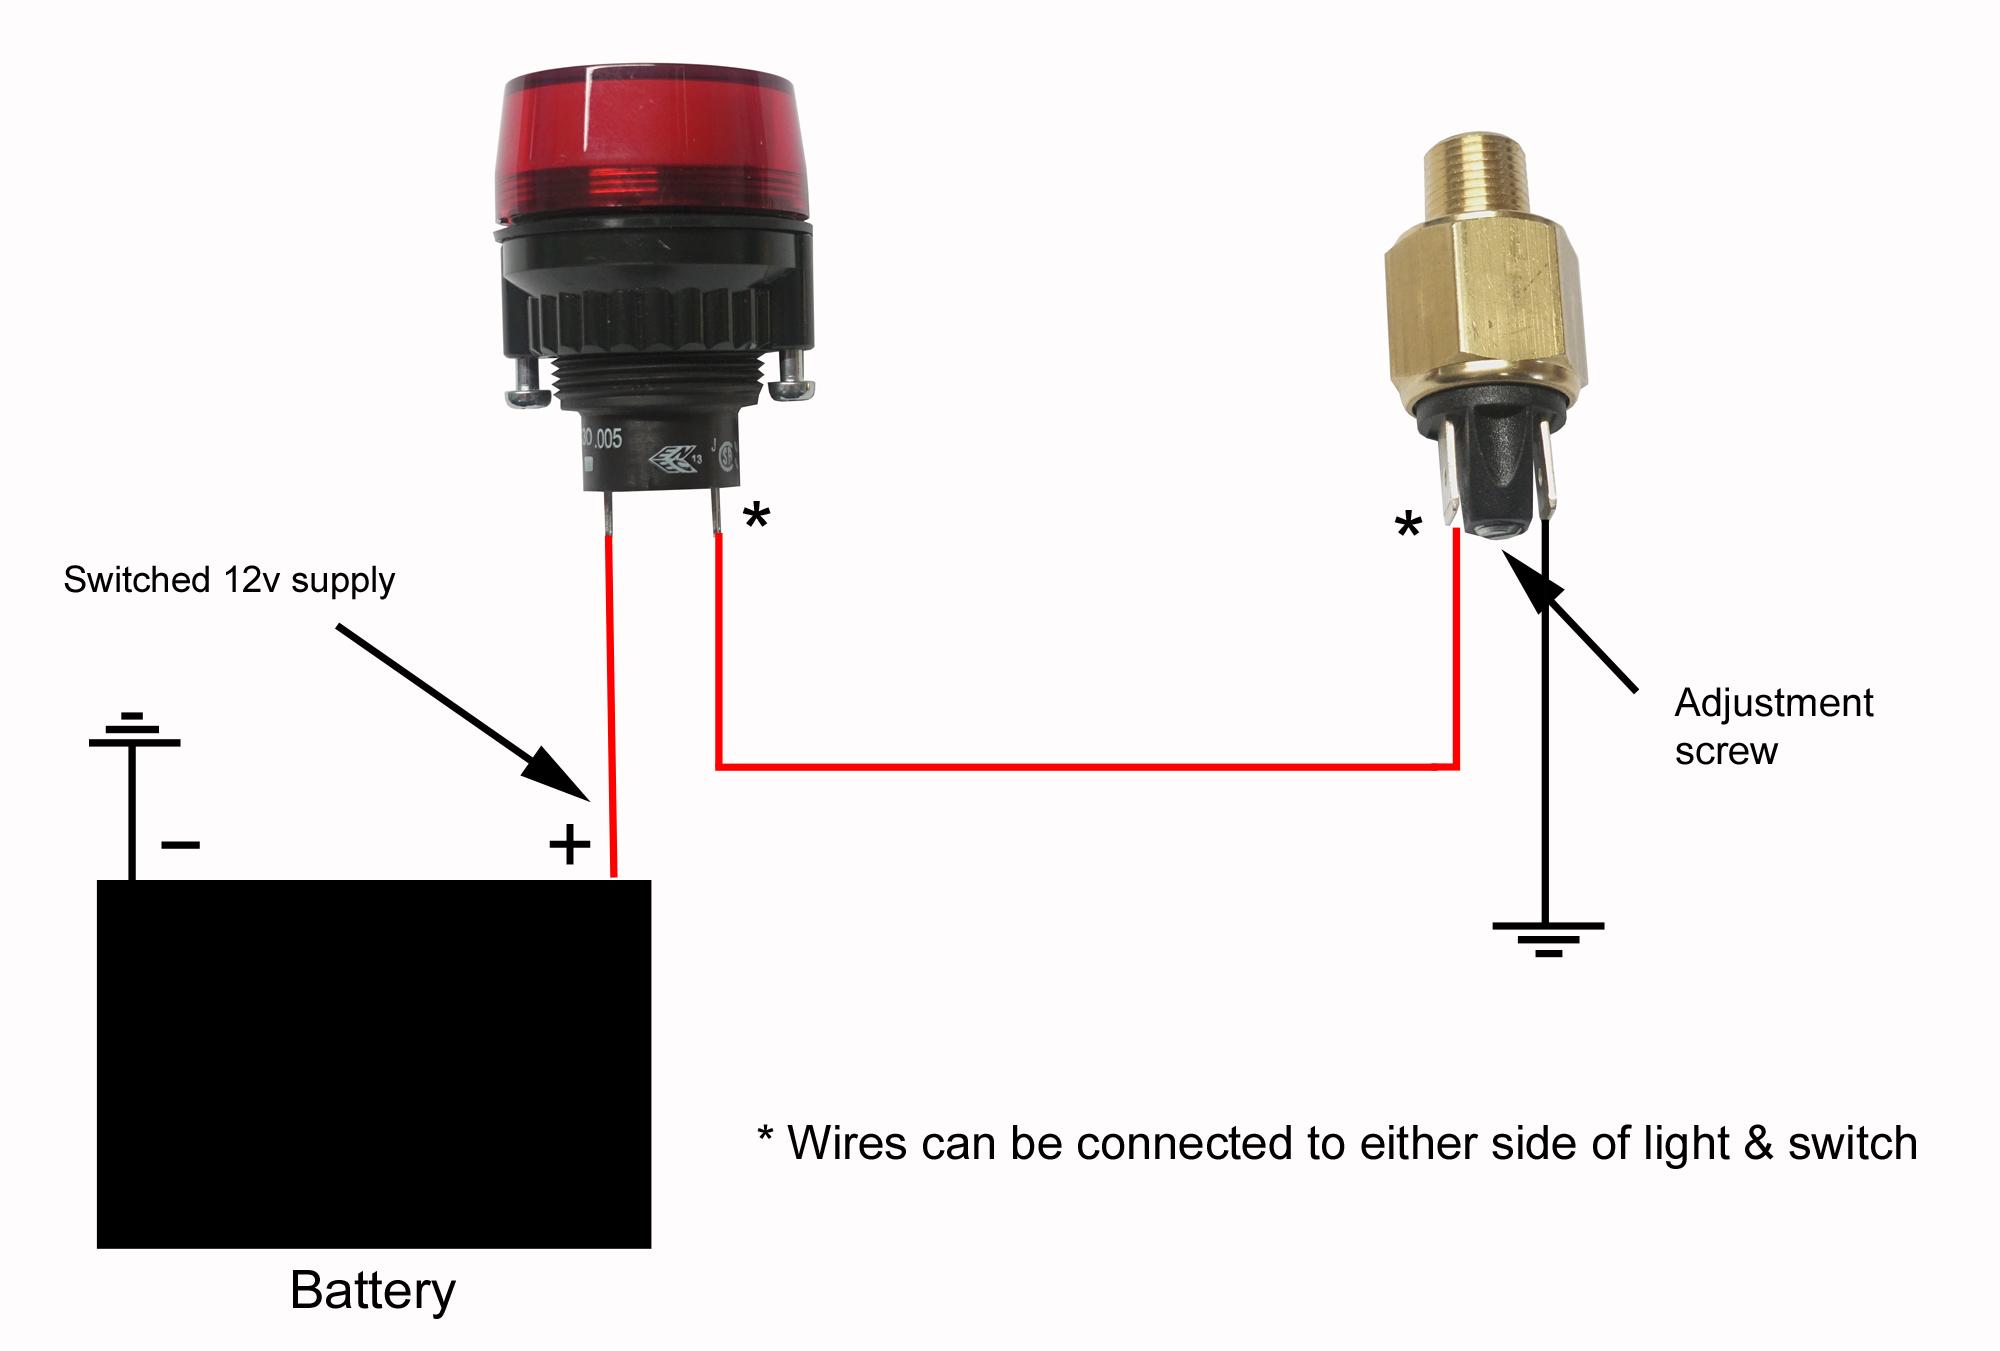 Oil Pressure Warning Light Wiring Diagram - Bmw E66 Engine Diagram -  peugeotjetforce.yenpancane.jeanjaures37.frWiring Diagram Resource